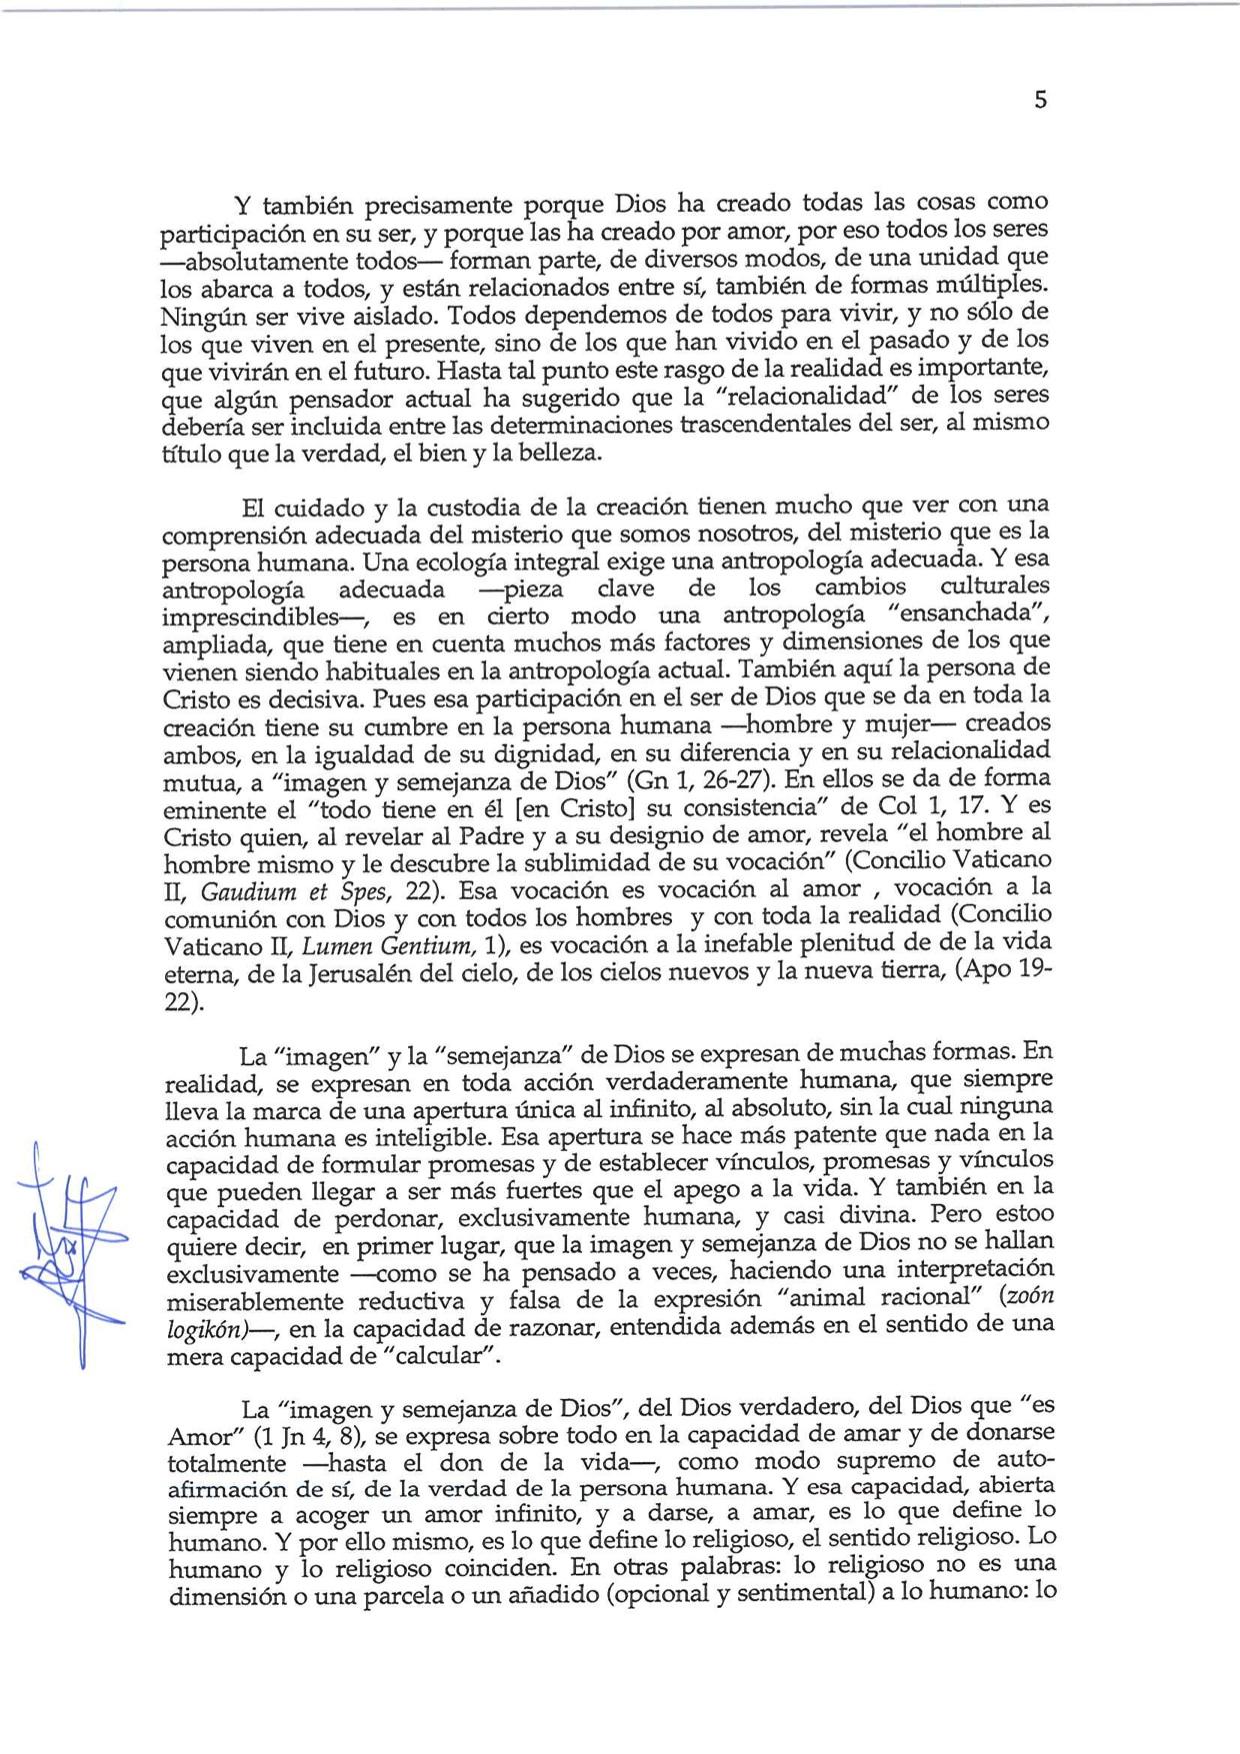 Decreto de Erección _Laudato Si_05